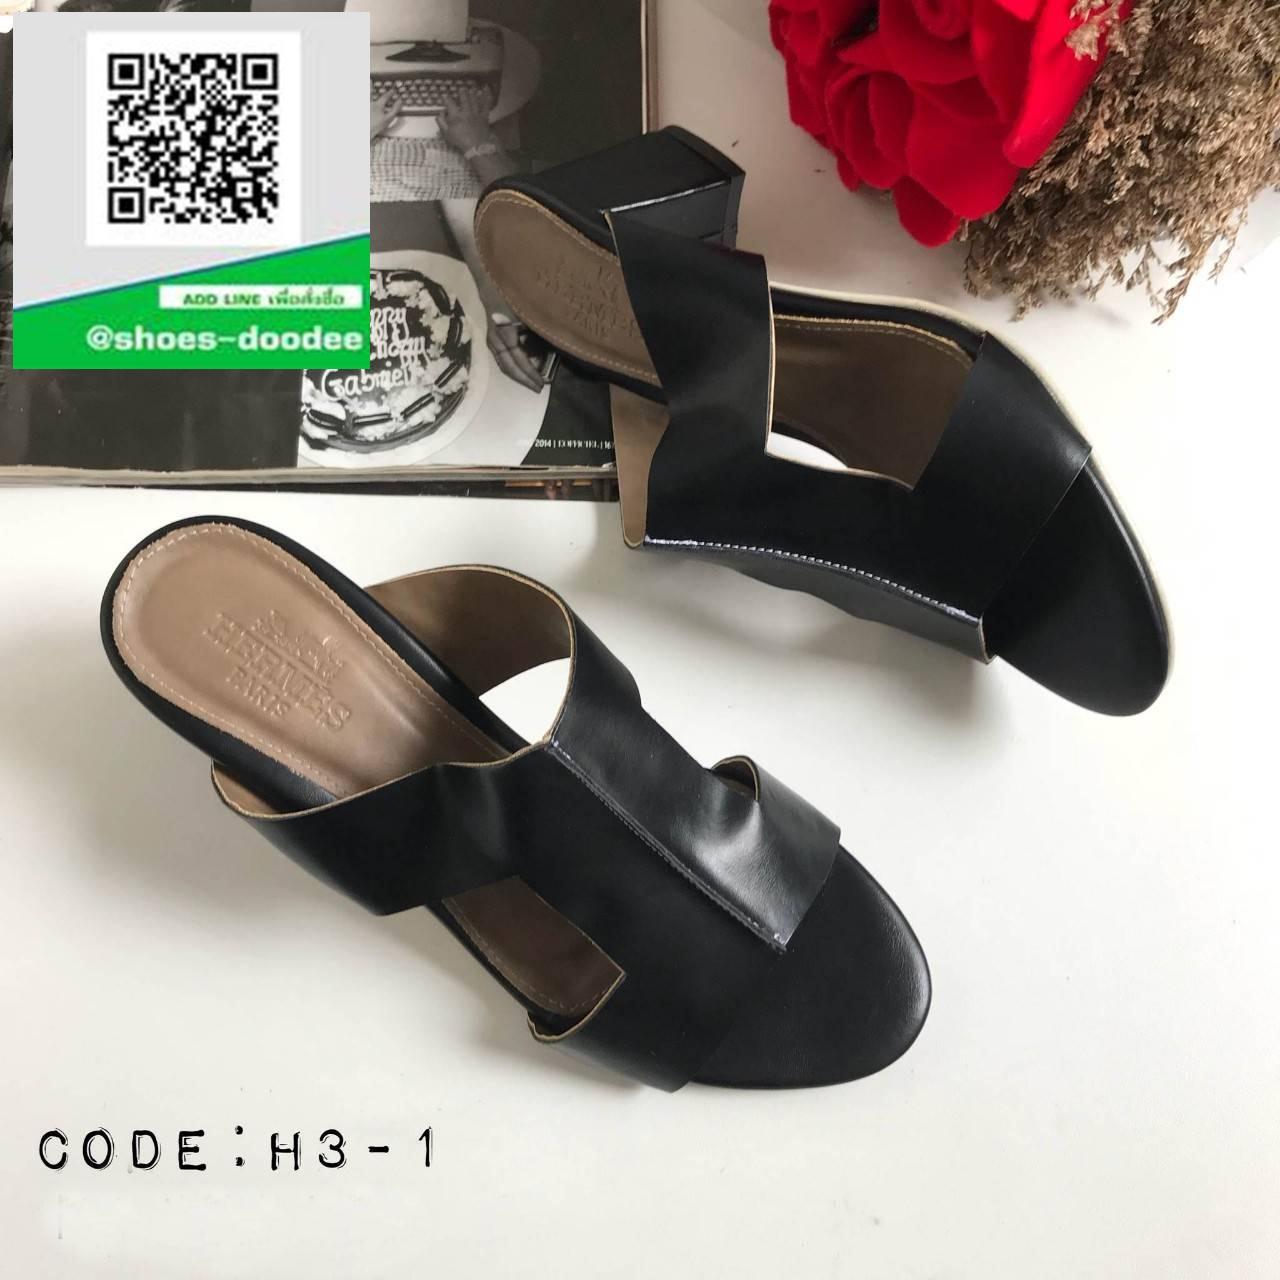 รองเท้าส้นตันเปิดส้นสีดำ สไตล์ Hermes (สีดำ )